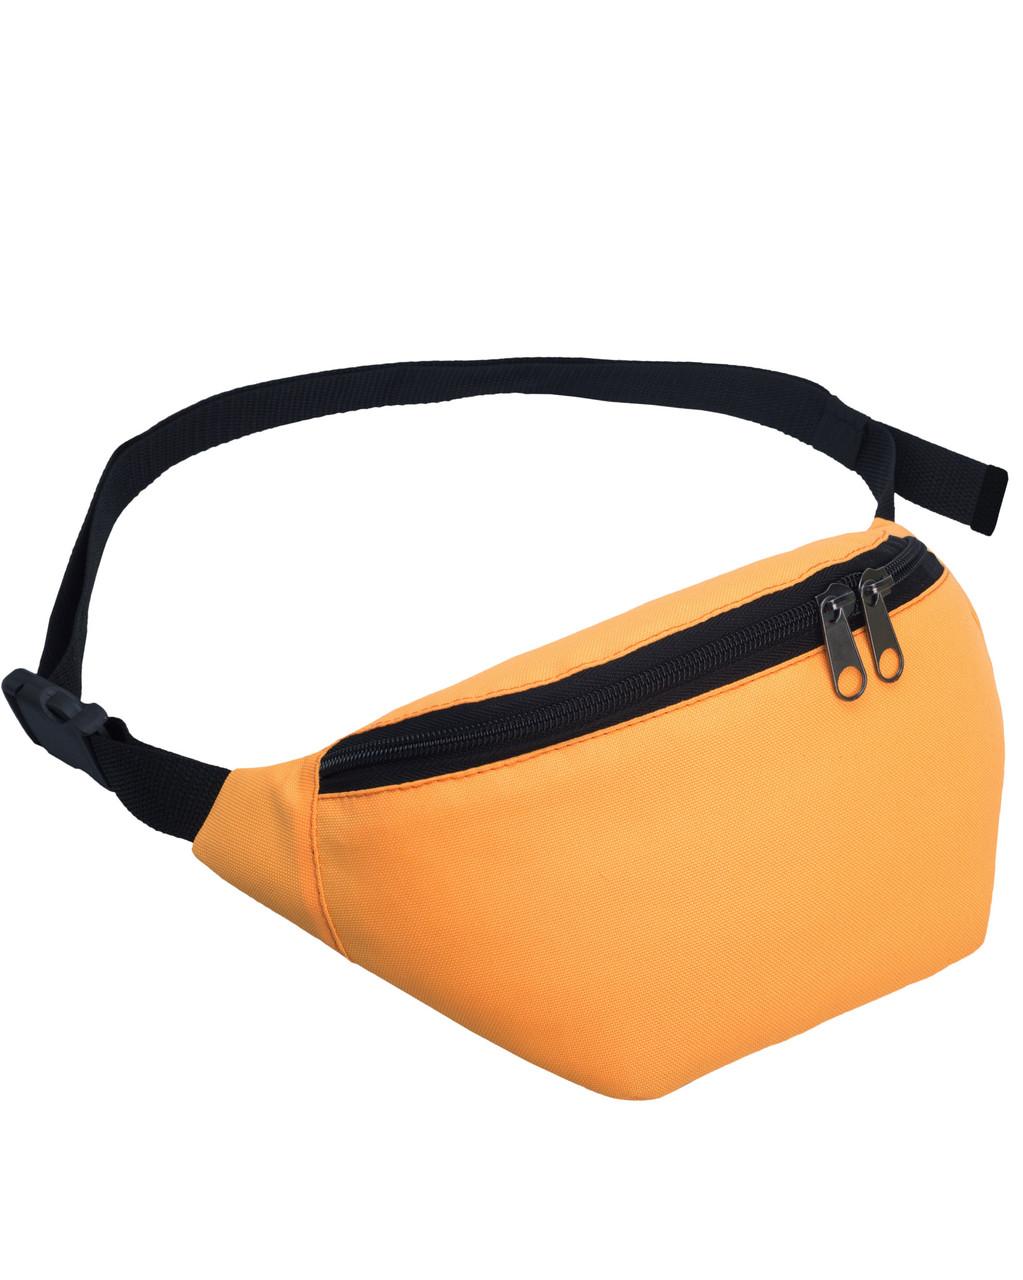 Сумка на пояс бананка Tempo Surikat оранжевый (сумка на пояс, сумки, с